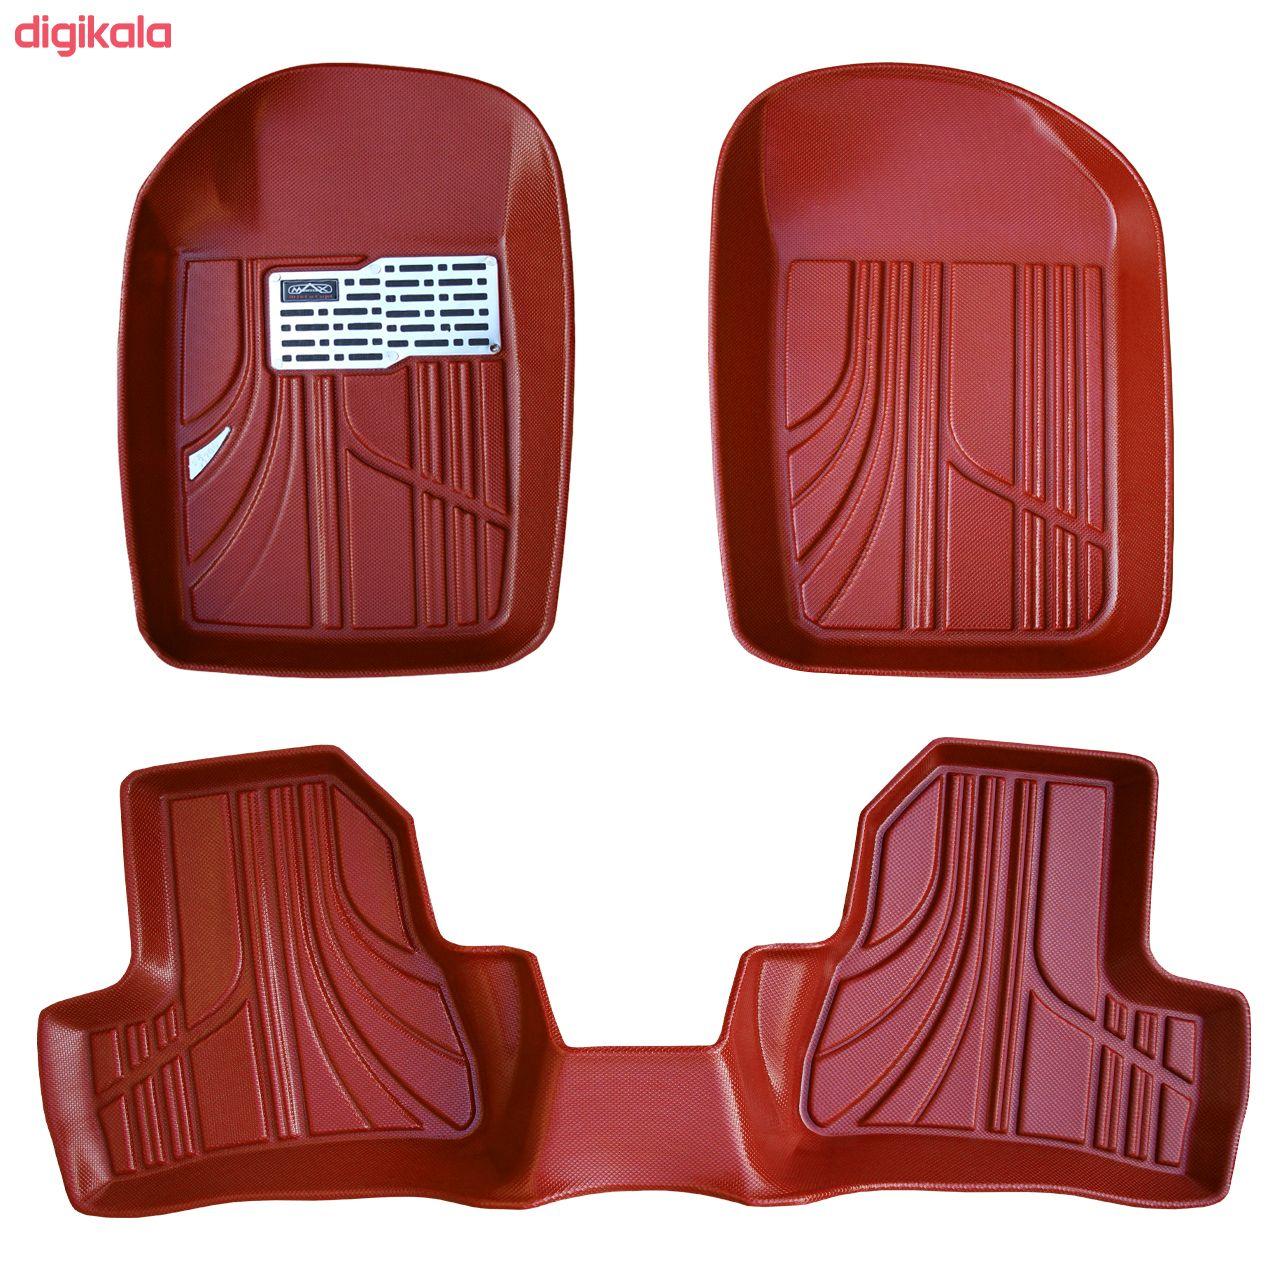 کفپوش سه بعدی خودرو مکس مدل K011 مناسب برای پژو 206 main 1 2